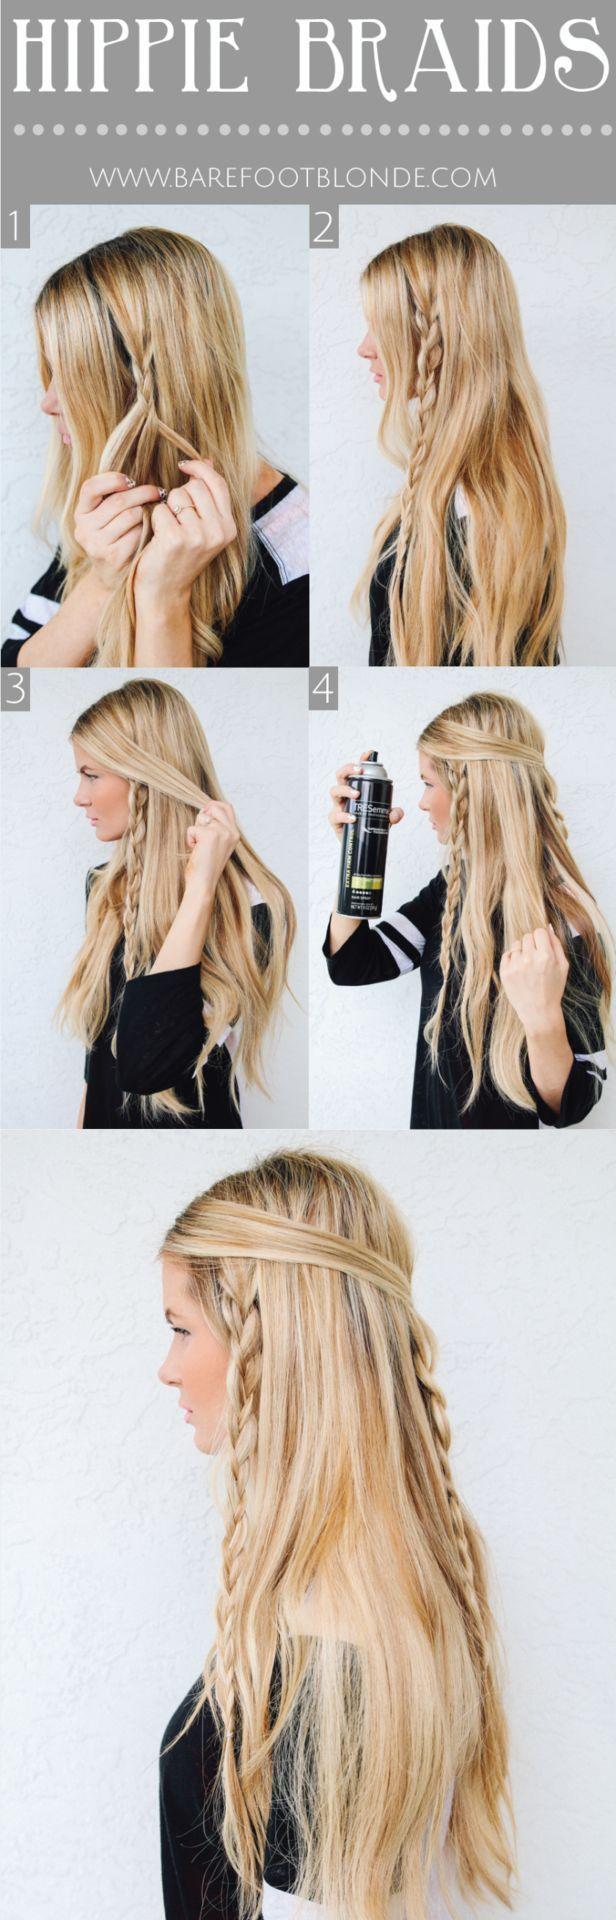 ultrachic bohemian hairstyles hippie braids pinterest